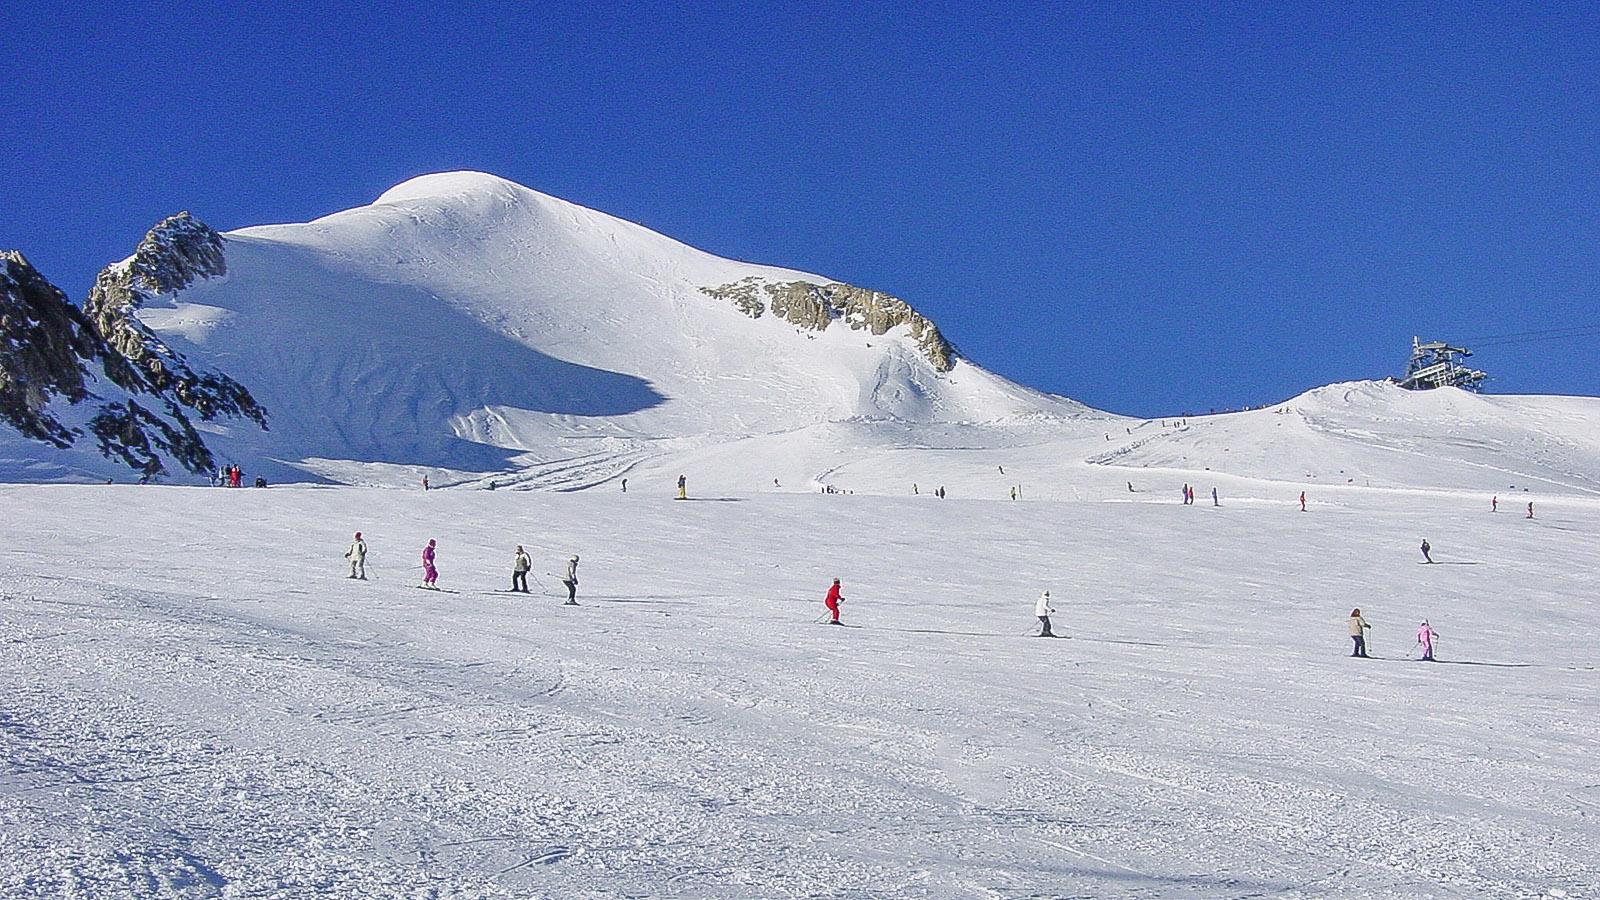 Das Skigebiet zu Füßen des Gletschers Grande Motte mit der Leisse-Piste (schwarz). Foto: Hilke Maunder